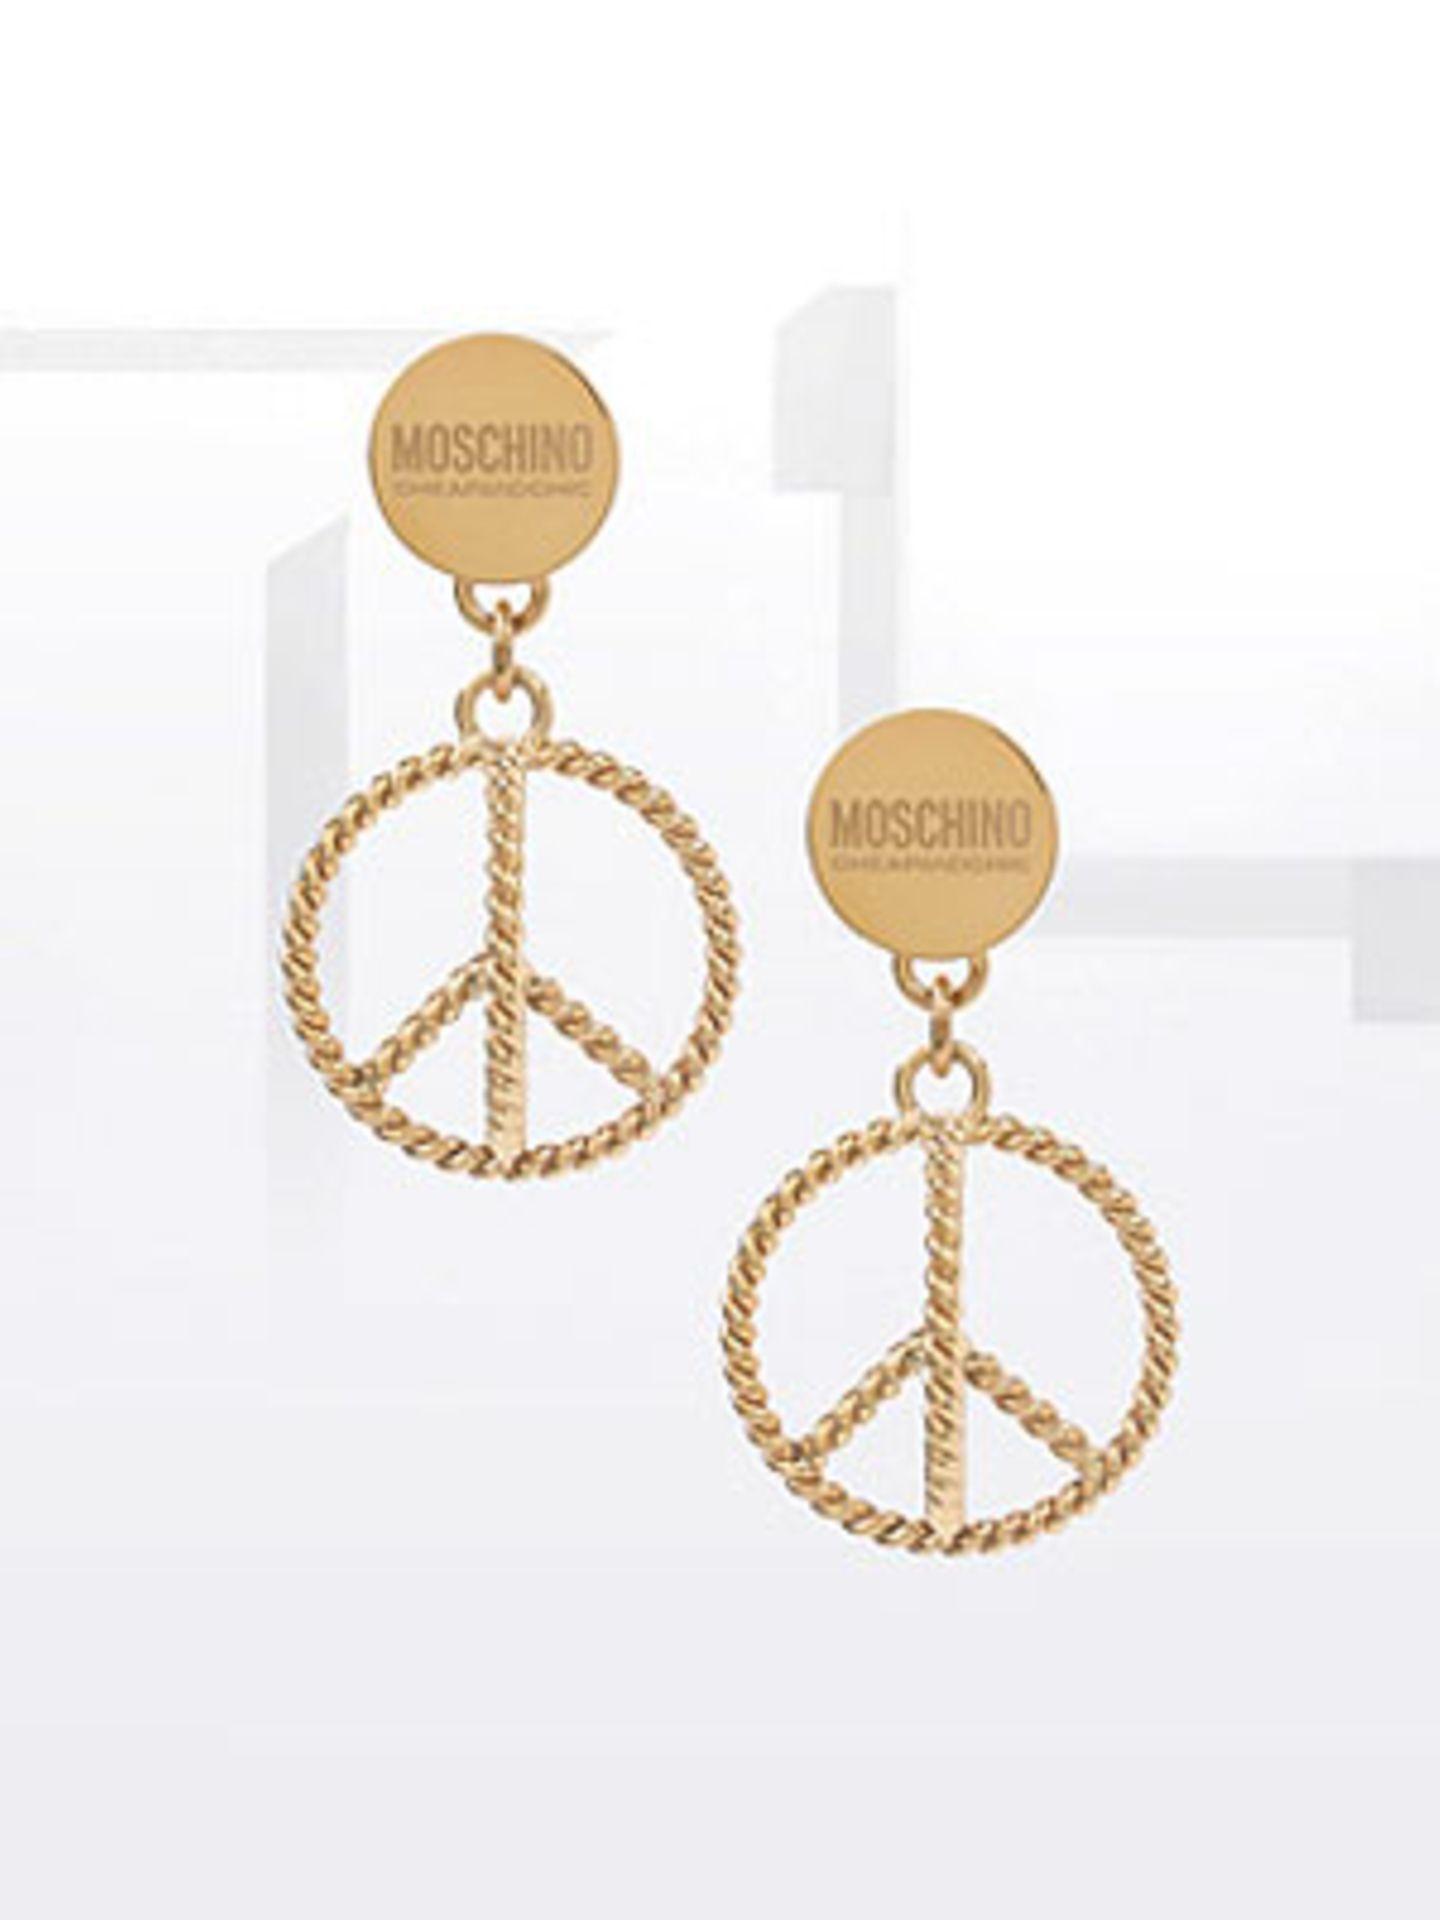 Vergoldete Moschino-Ohrringe mit Peace-Zeichen von ASOS, um 92 Euro.